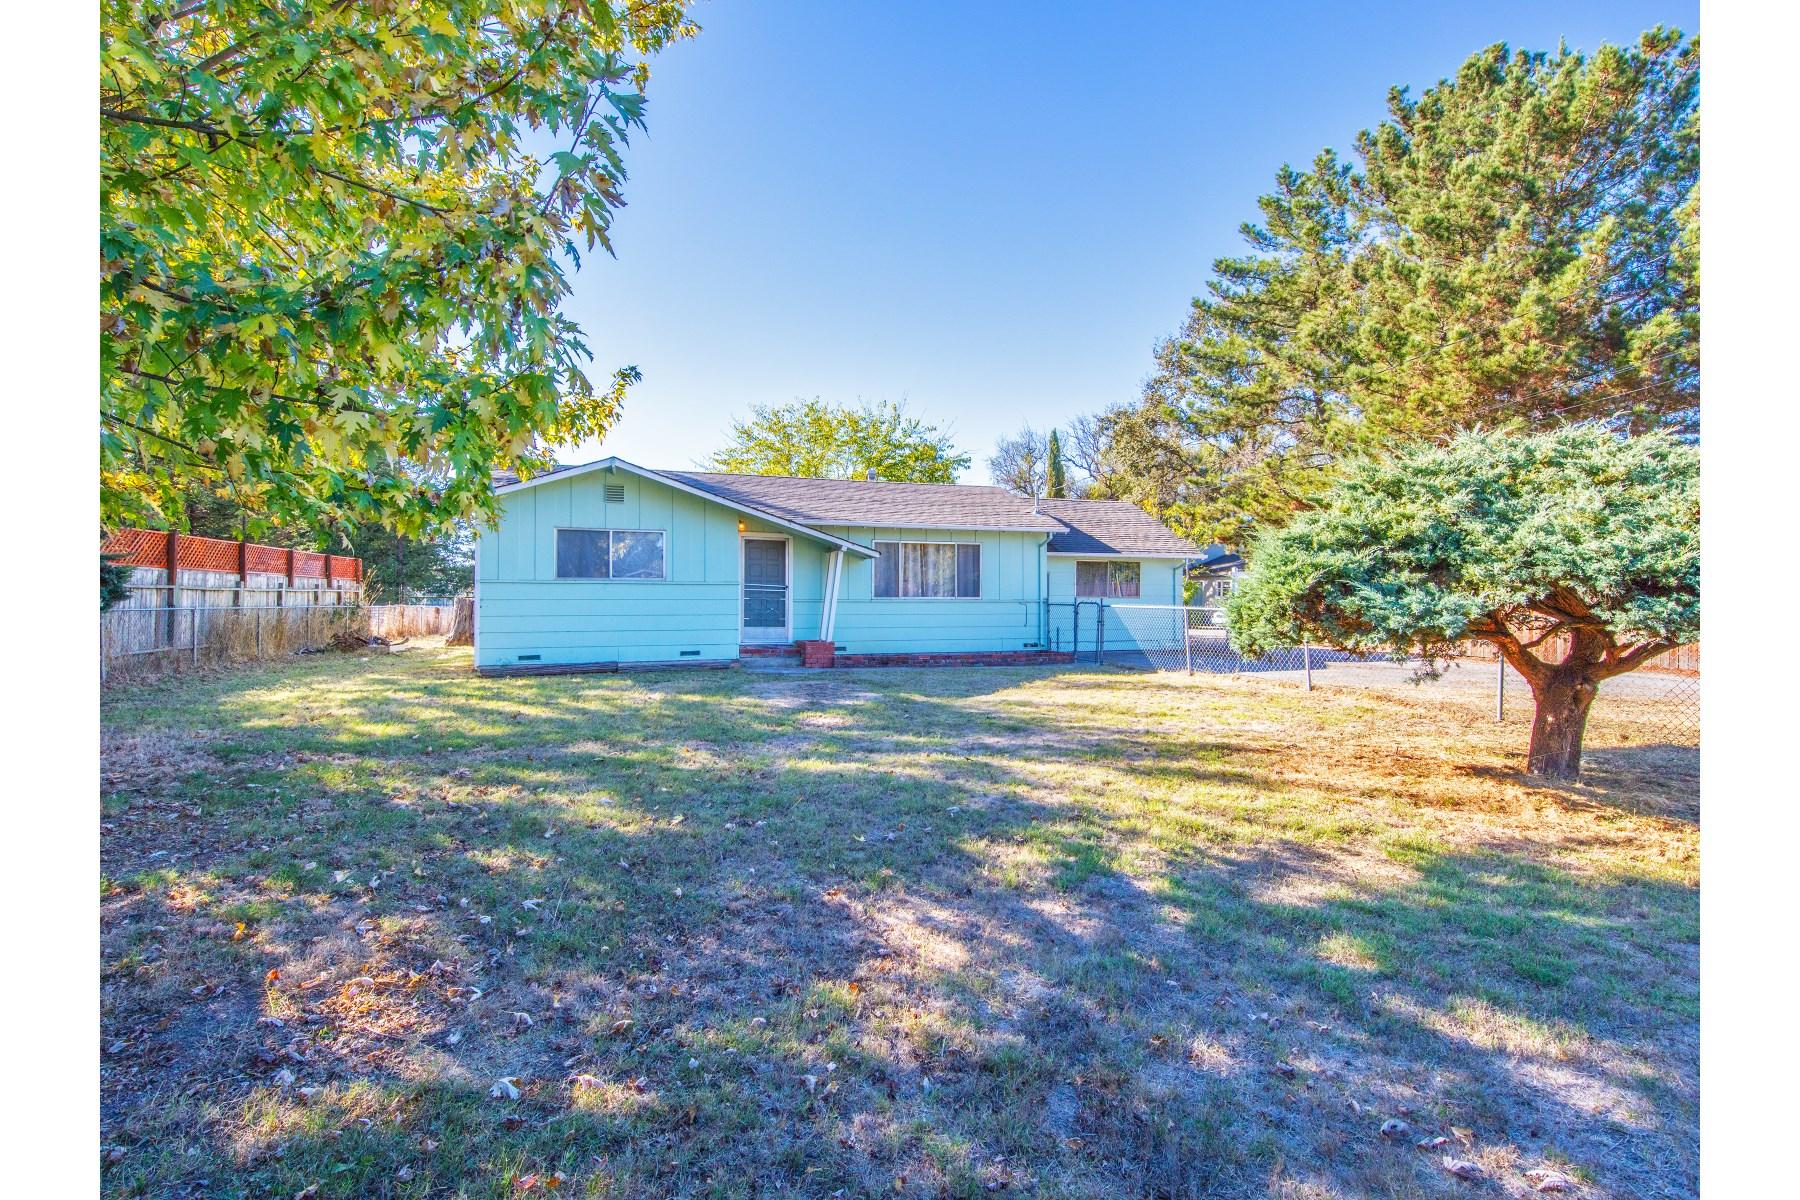 Maison unifamiliale pour l Vente à Vintage Sonoma County Home 4023 Jobe Ln Santa Rosa, Californie 95407 États-Unis